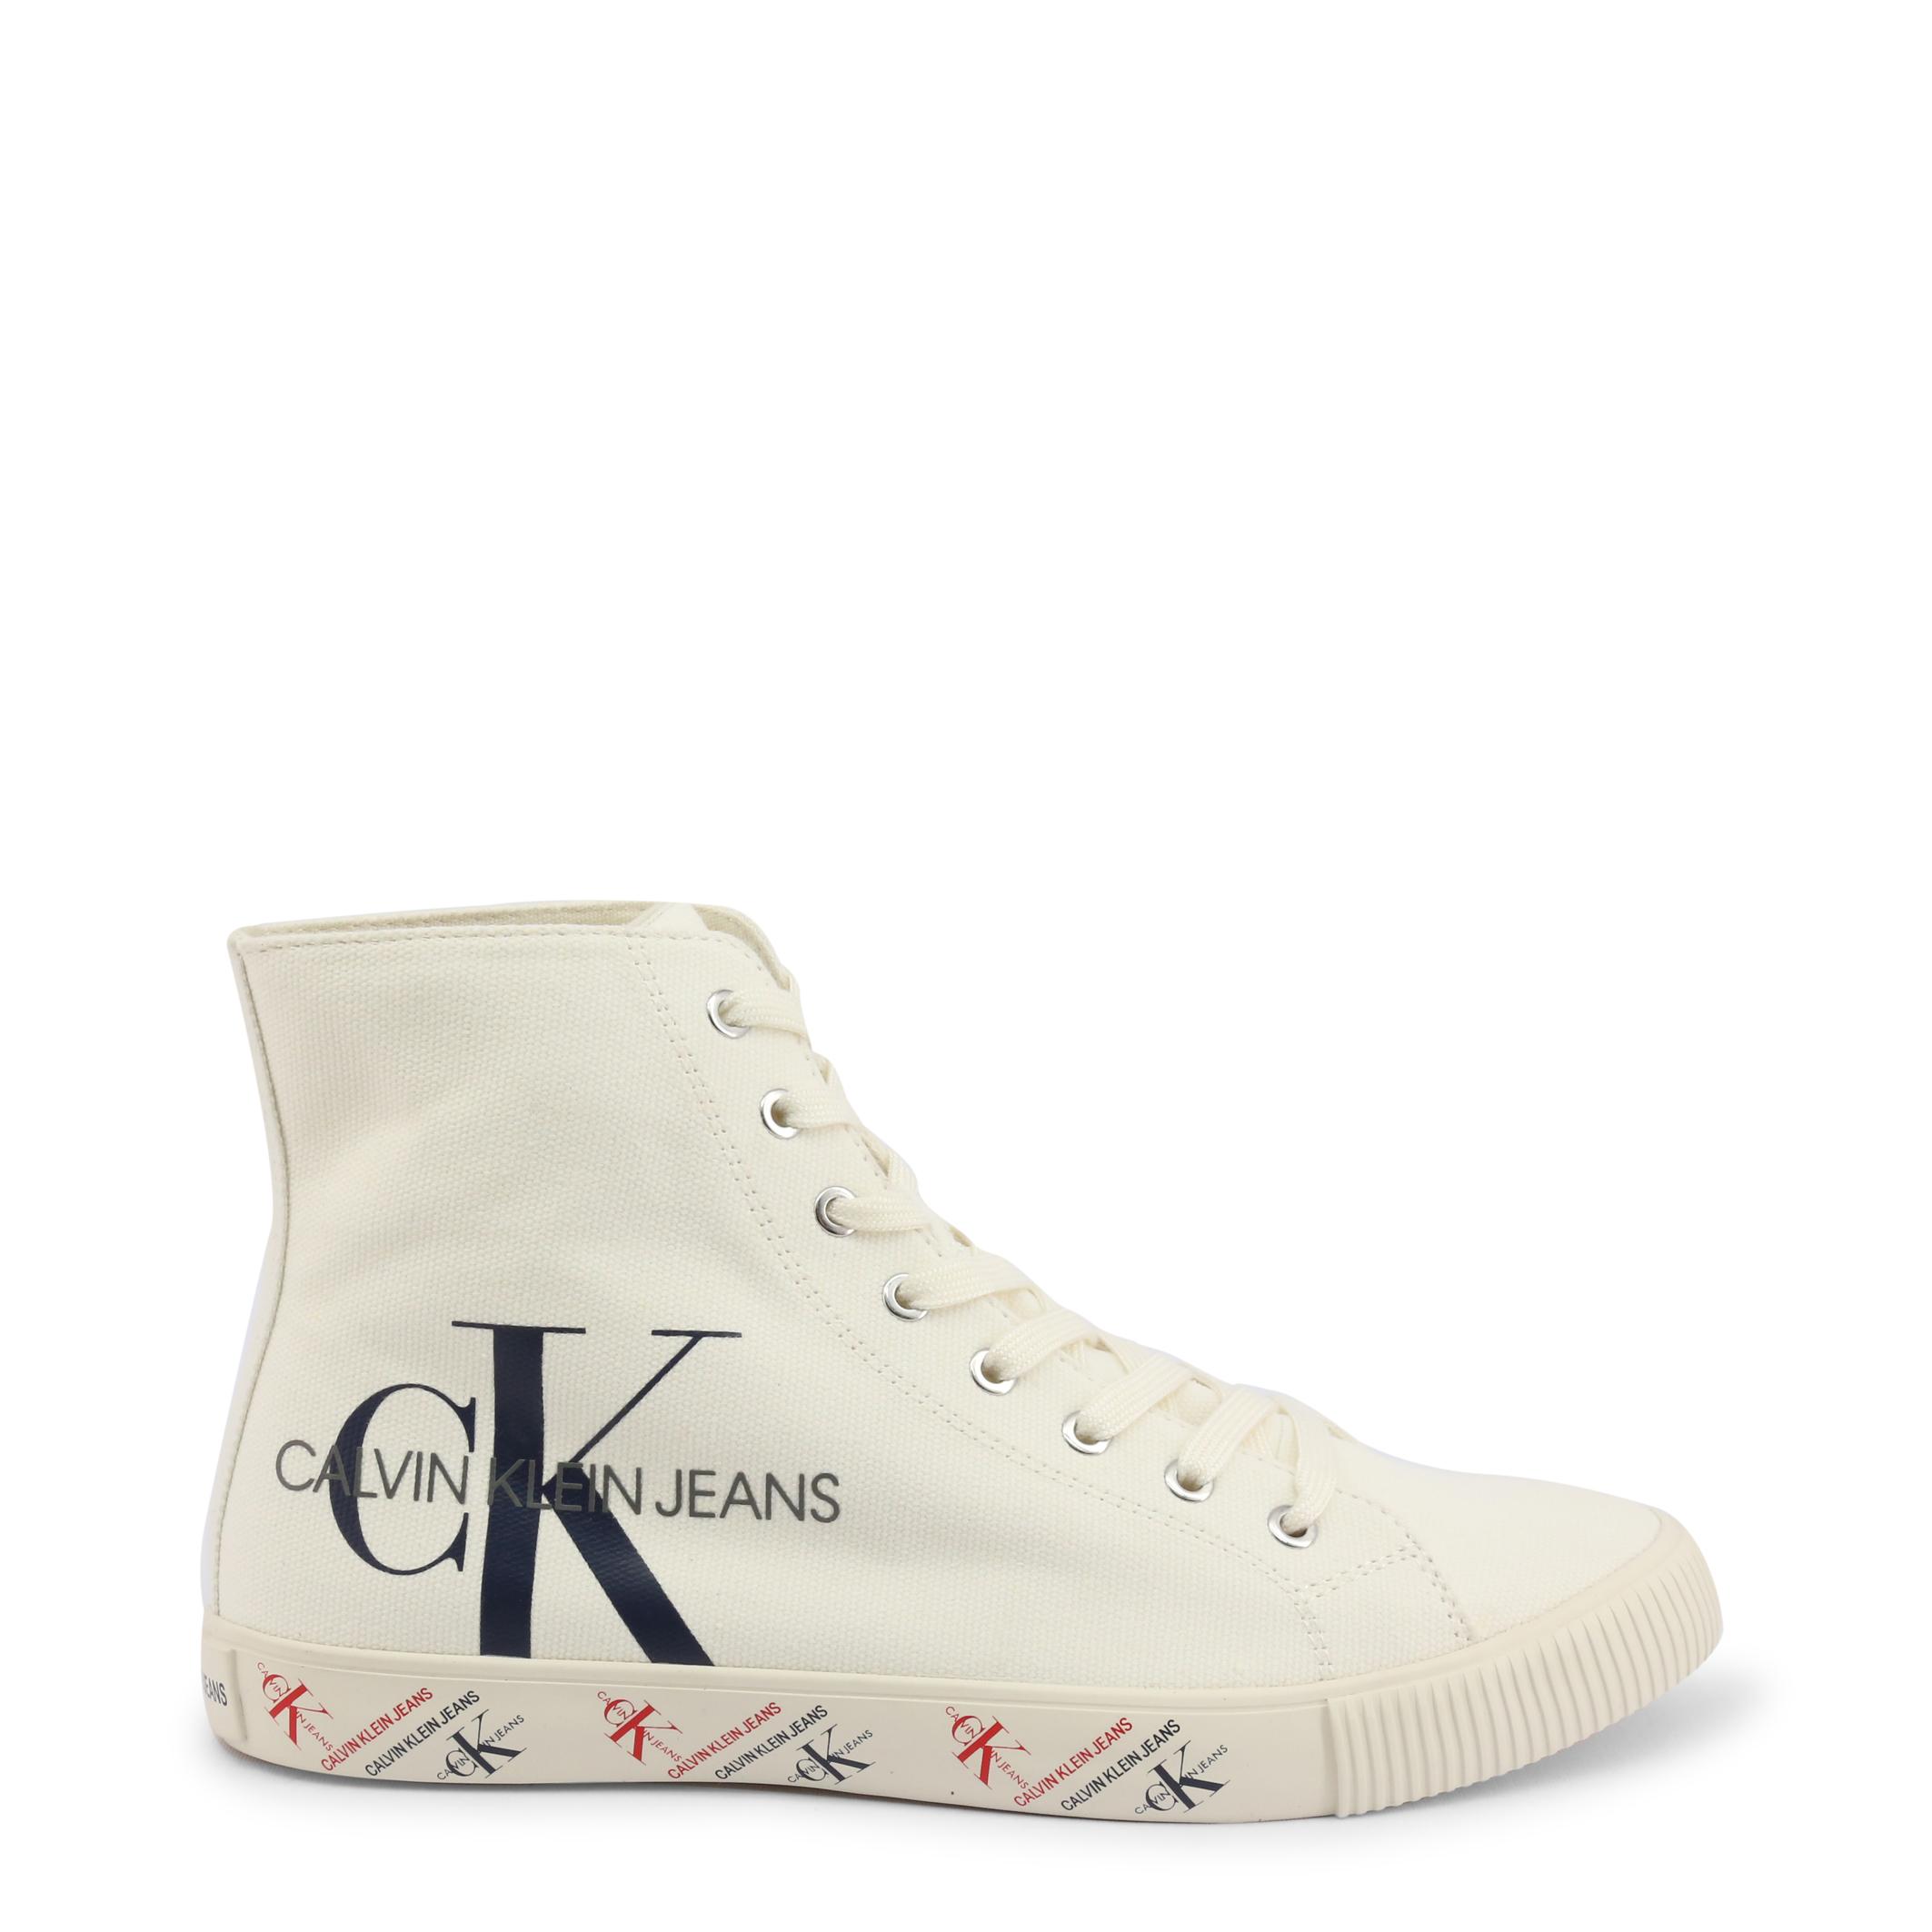 Calvin Klein ASTON B4S0669